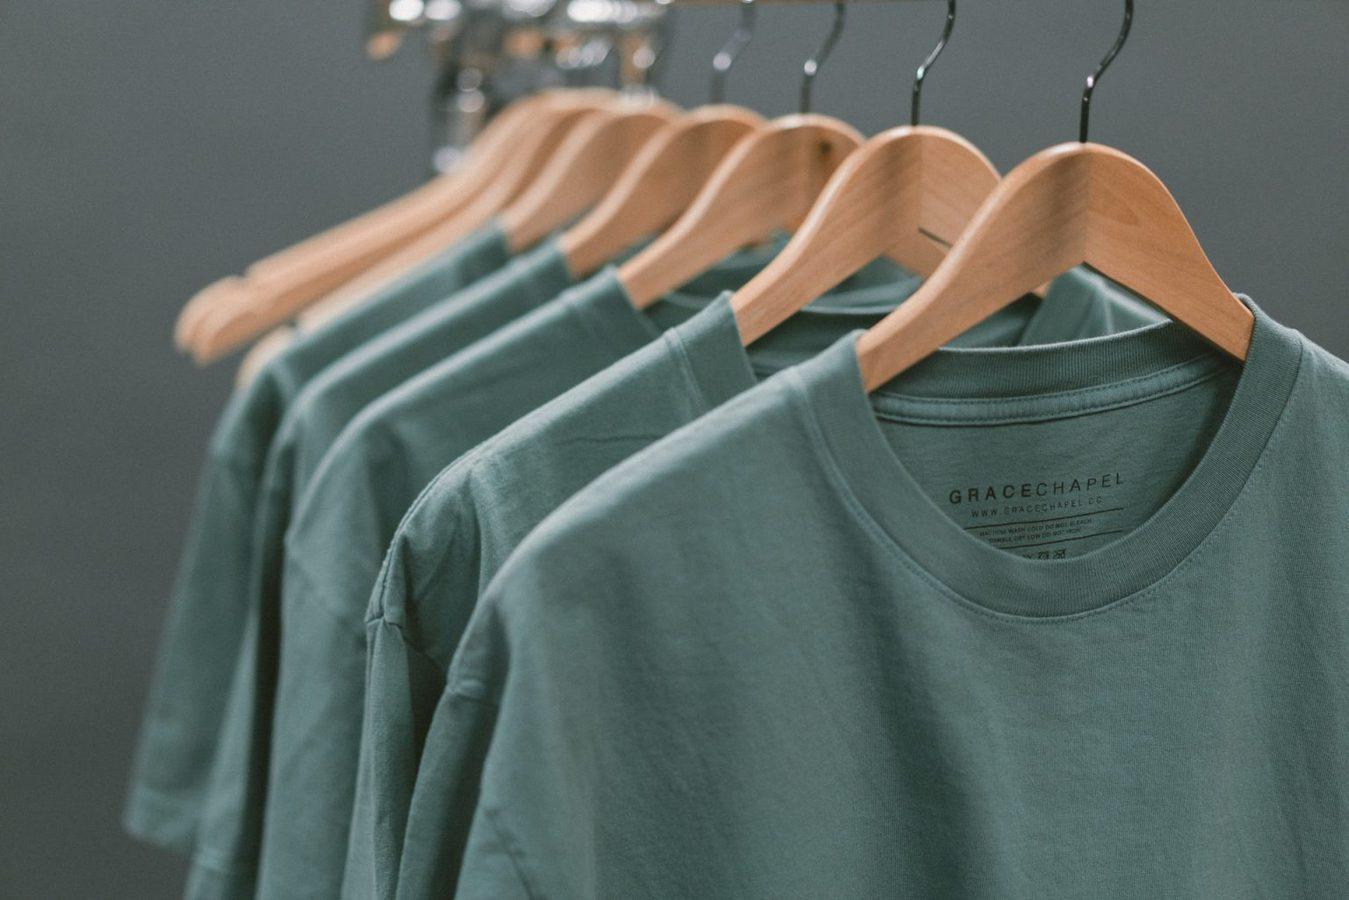 Cận cảnh áo phông màu xanh lá cây treo trên kệ